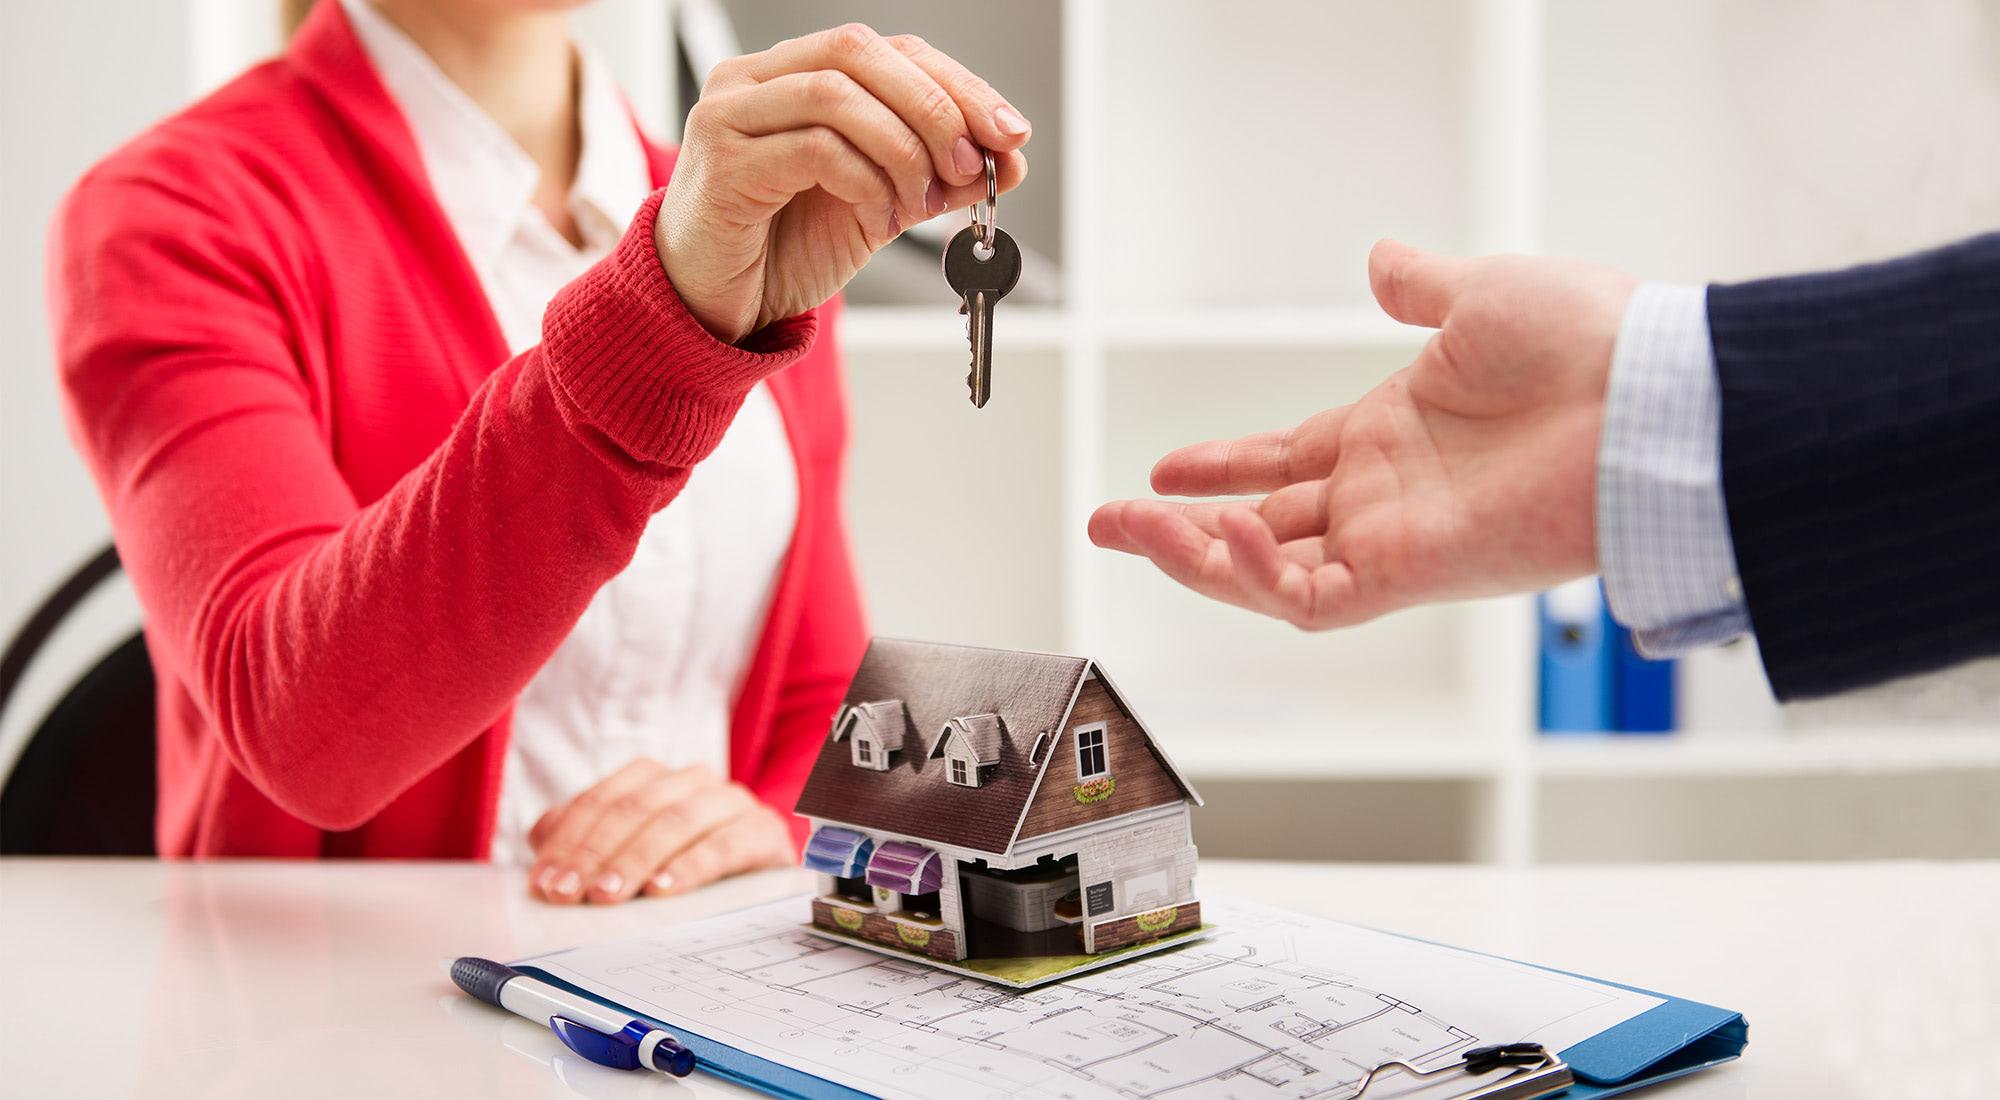 5 aspectos a considerar antes de comprar una casa helpmycash - Antes de comprar una casa ...